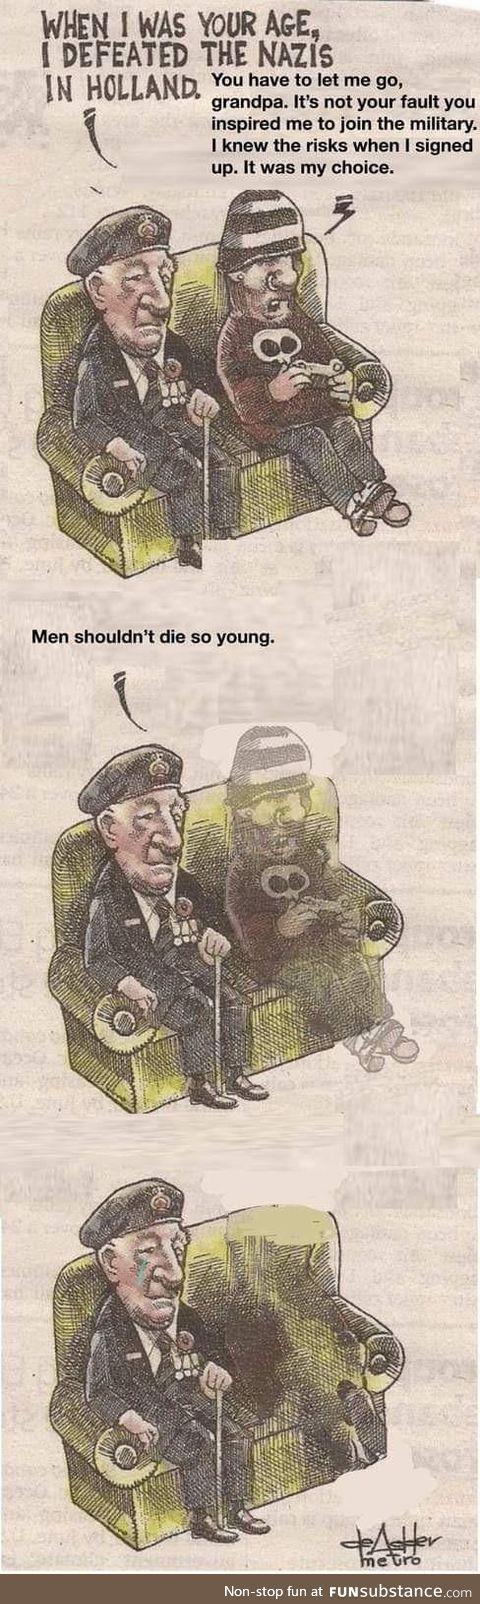 Big sad